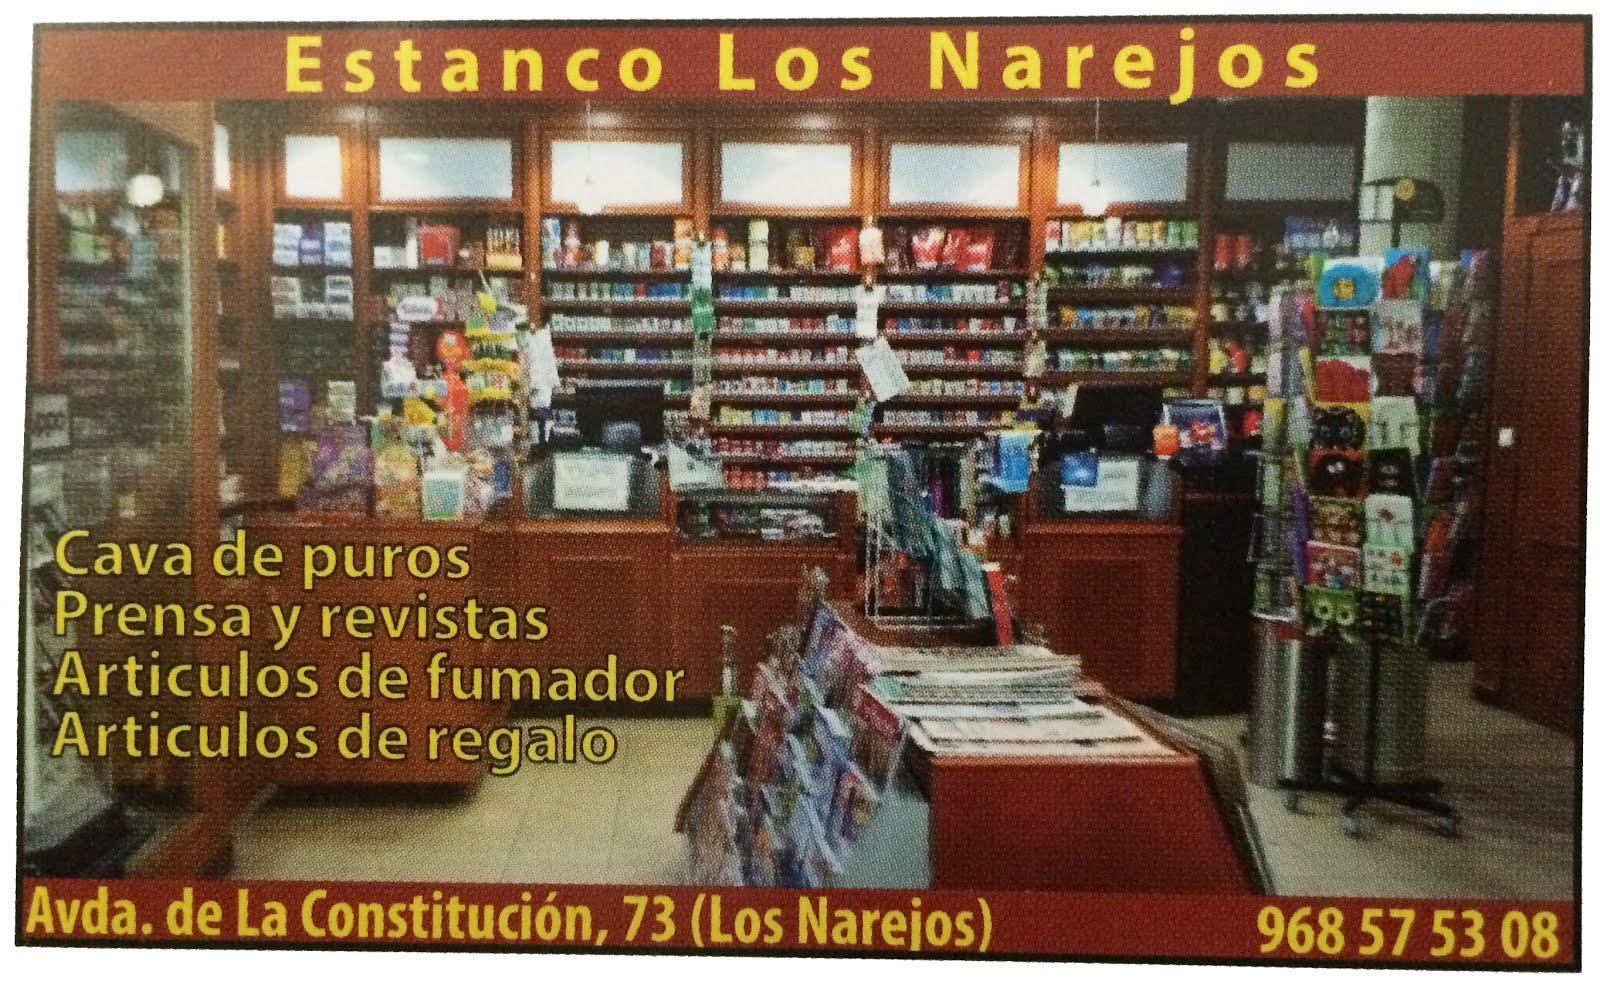 Estanco Los Narejos